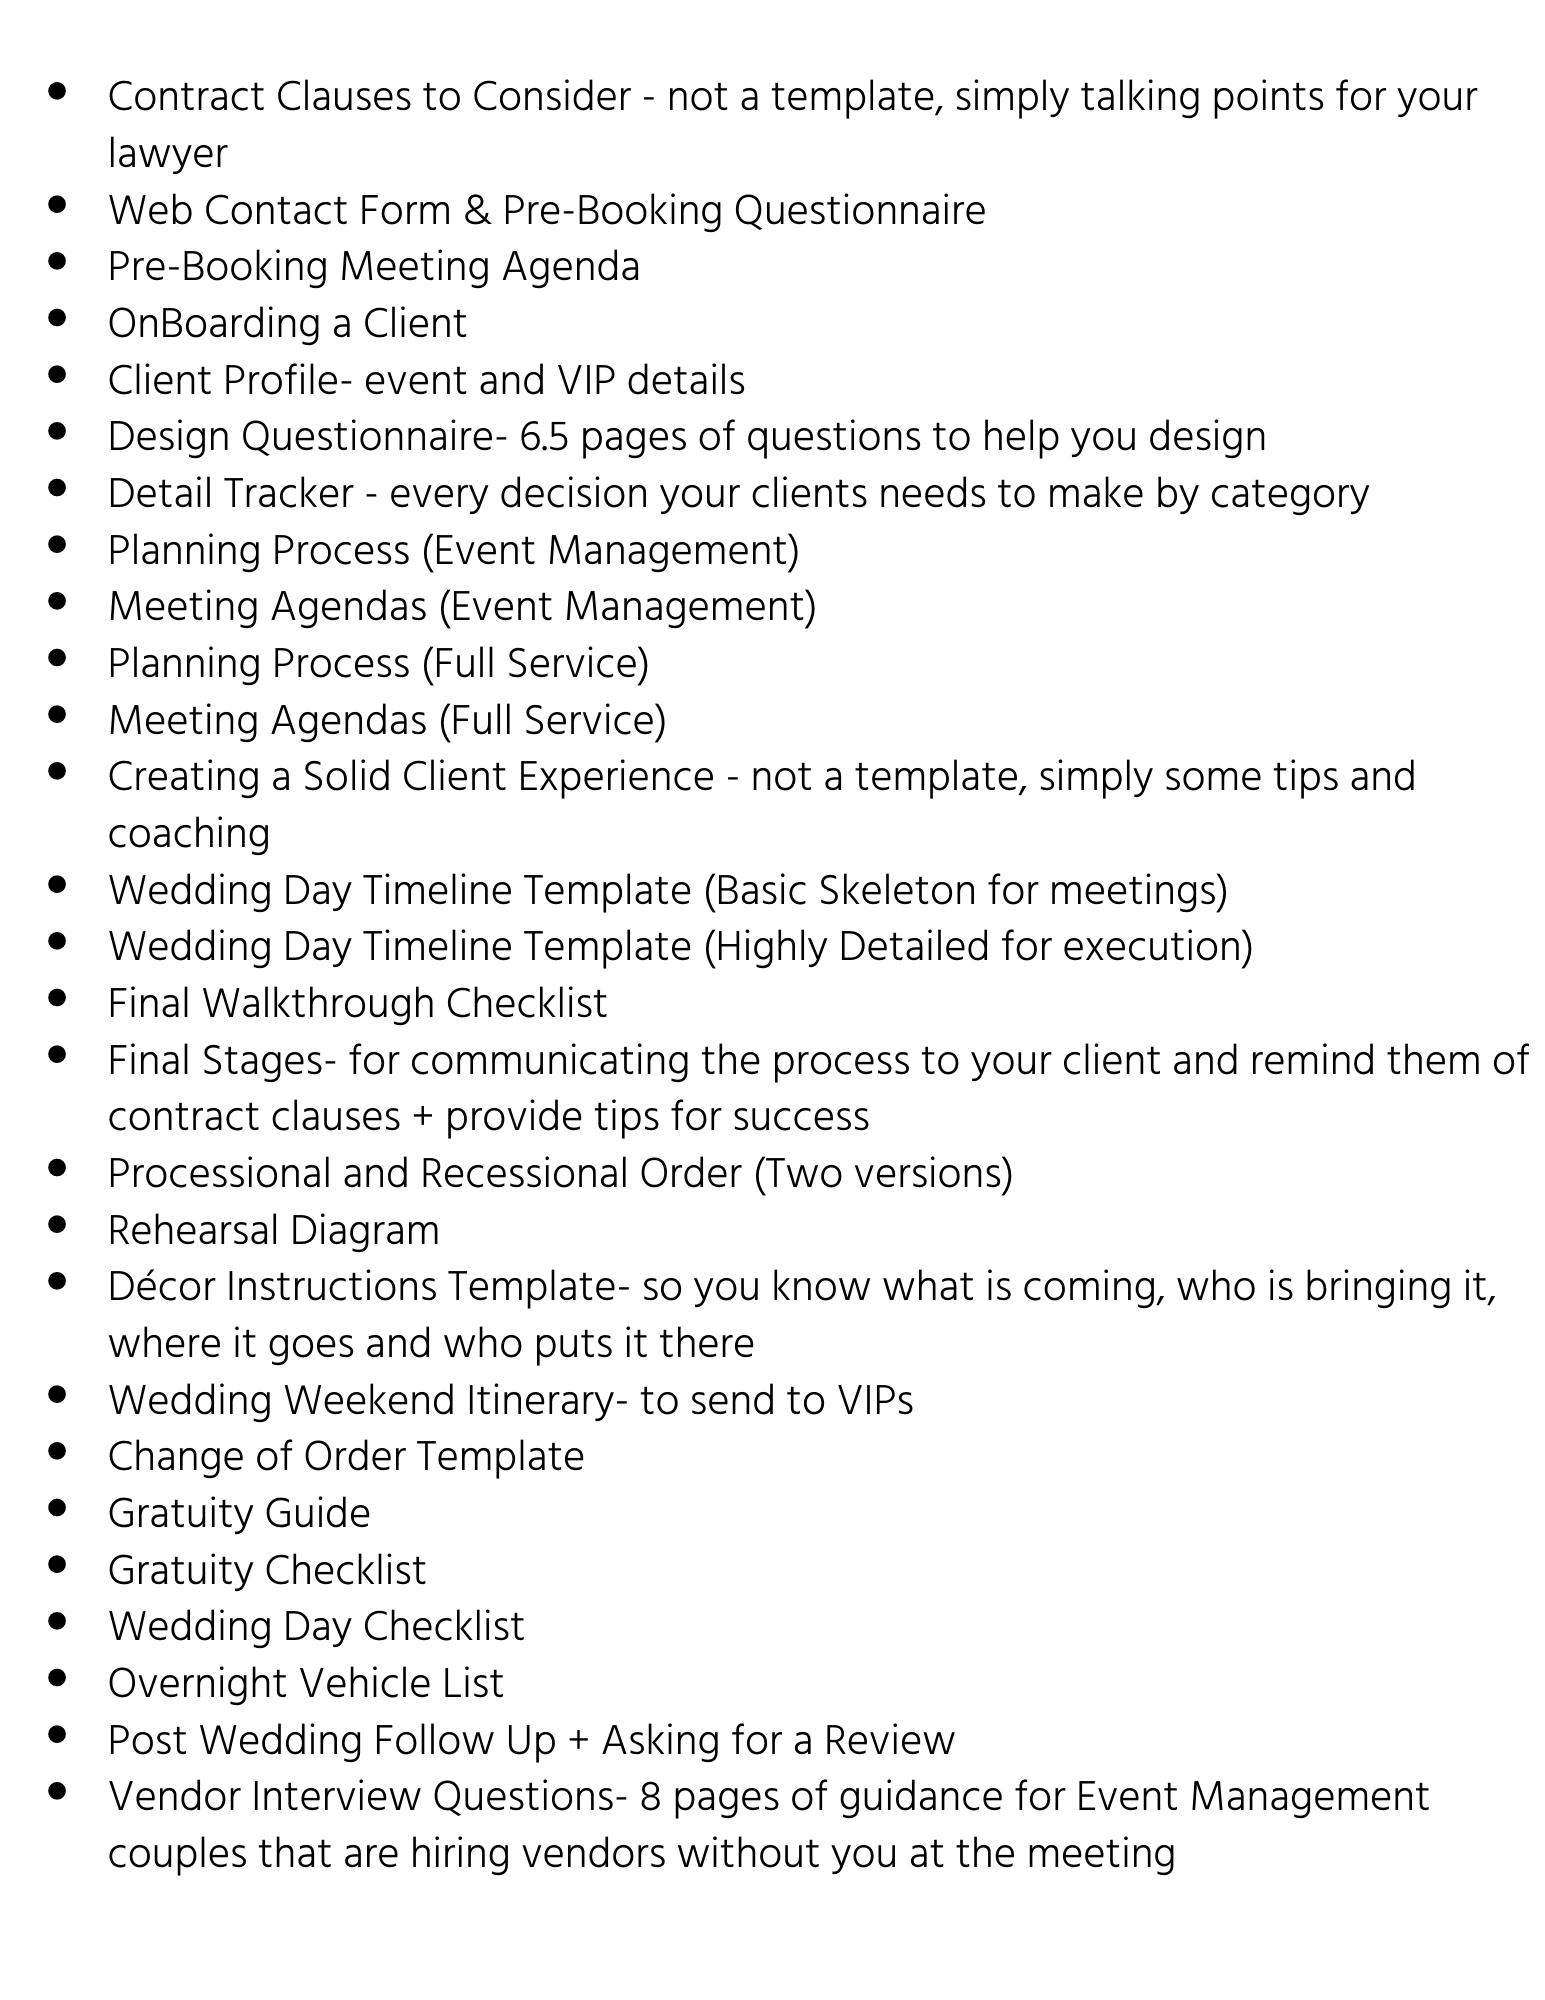 Wedding Planning Process Kit + Workflow